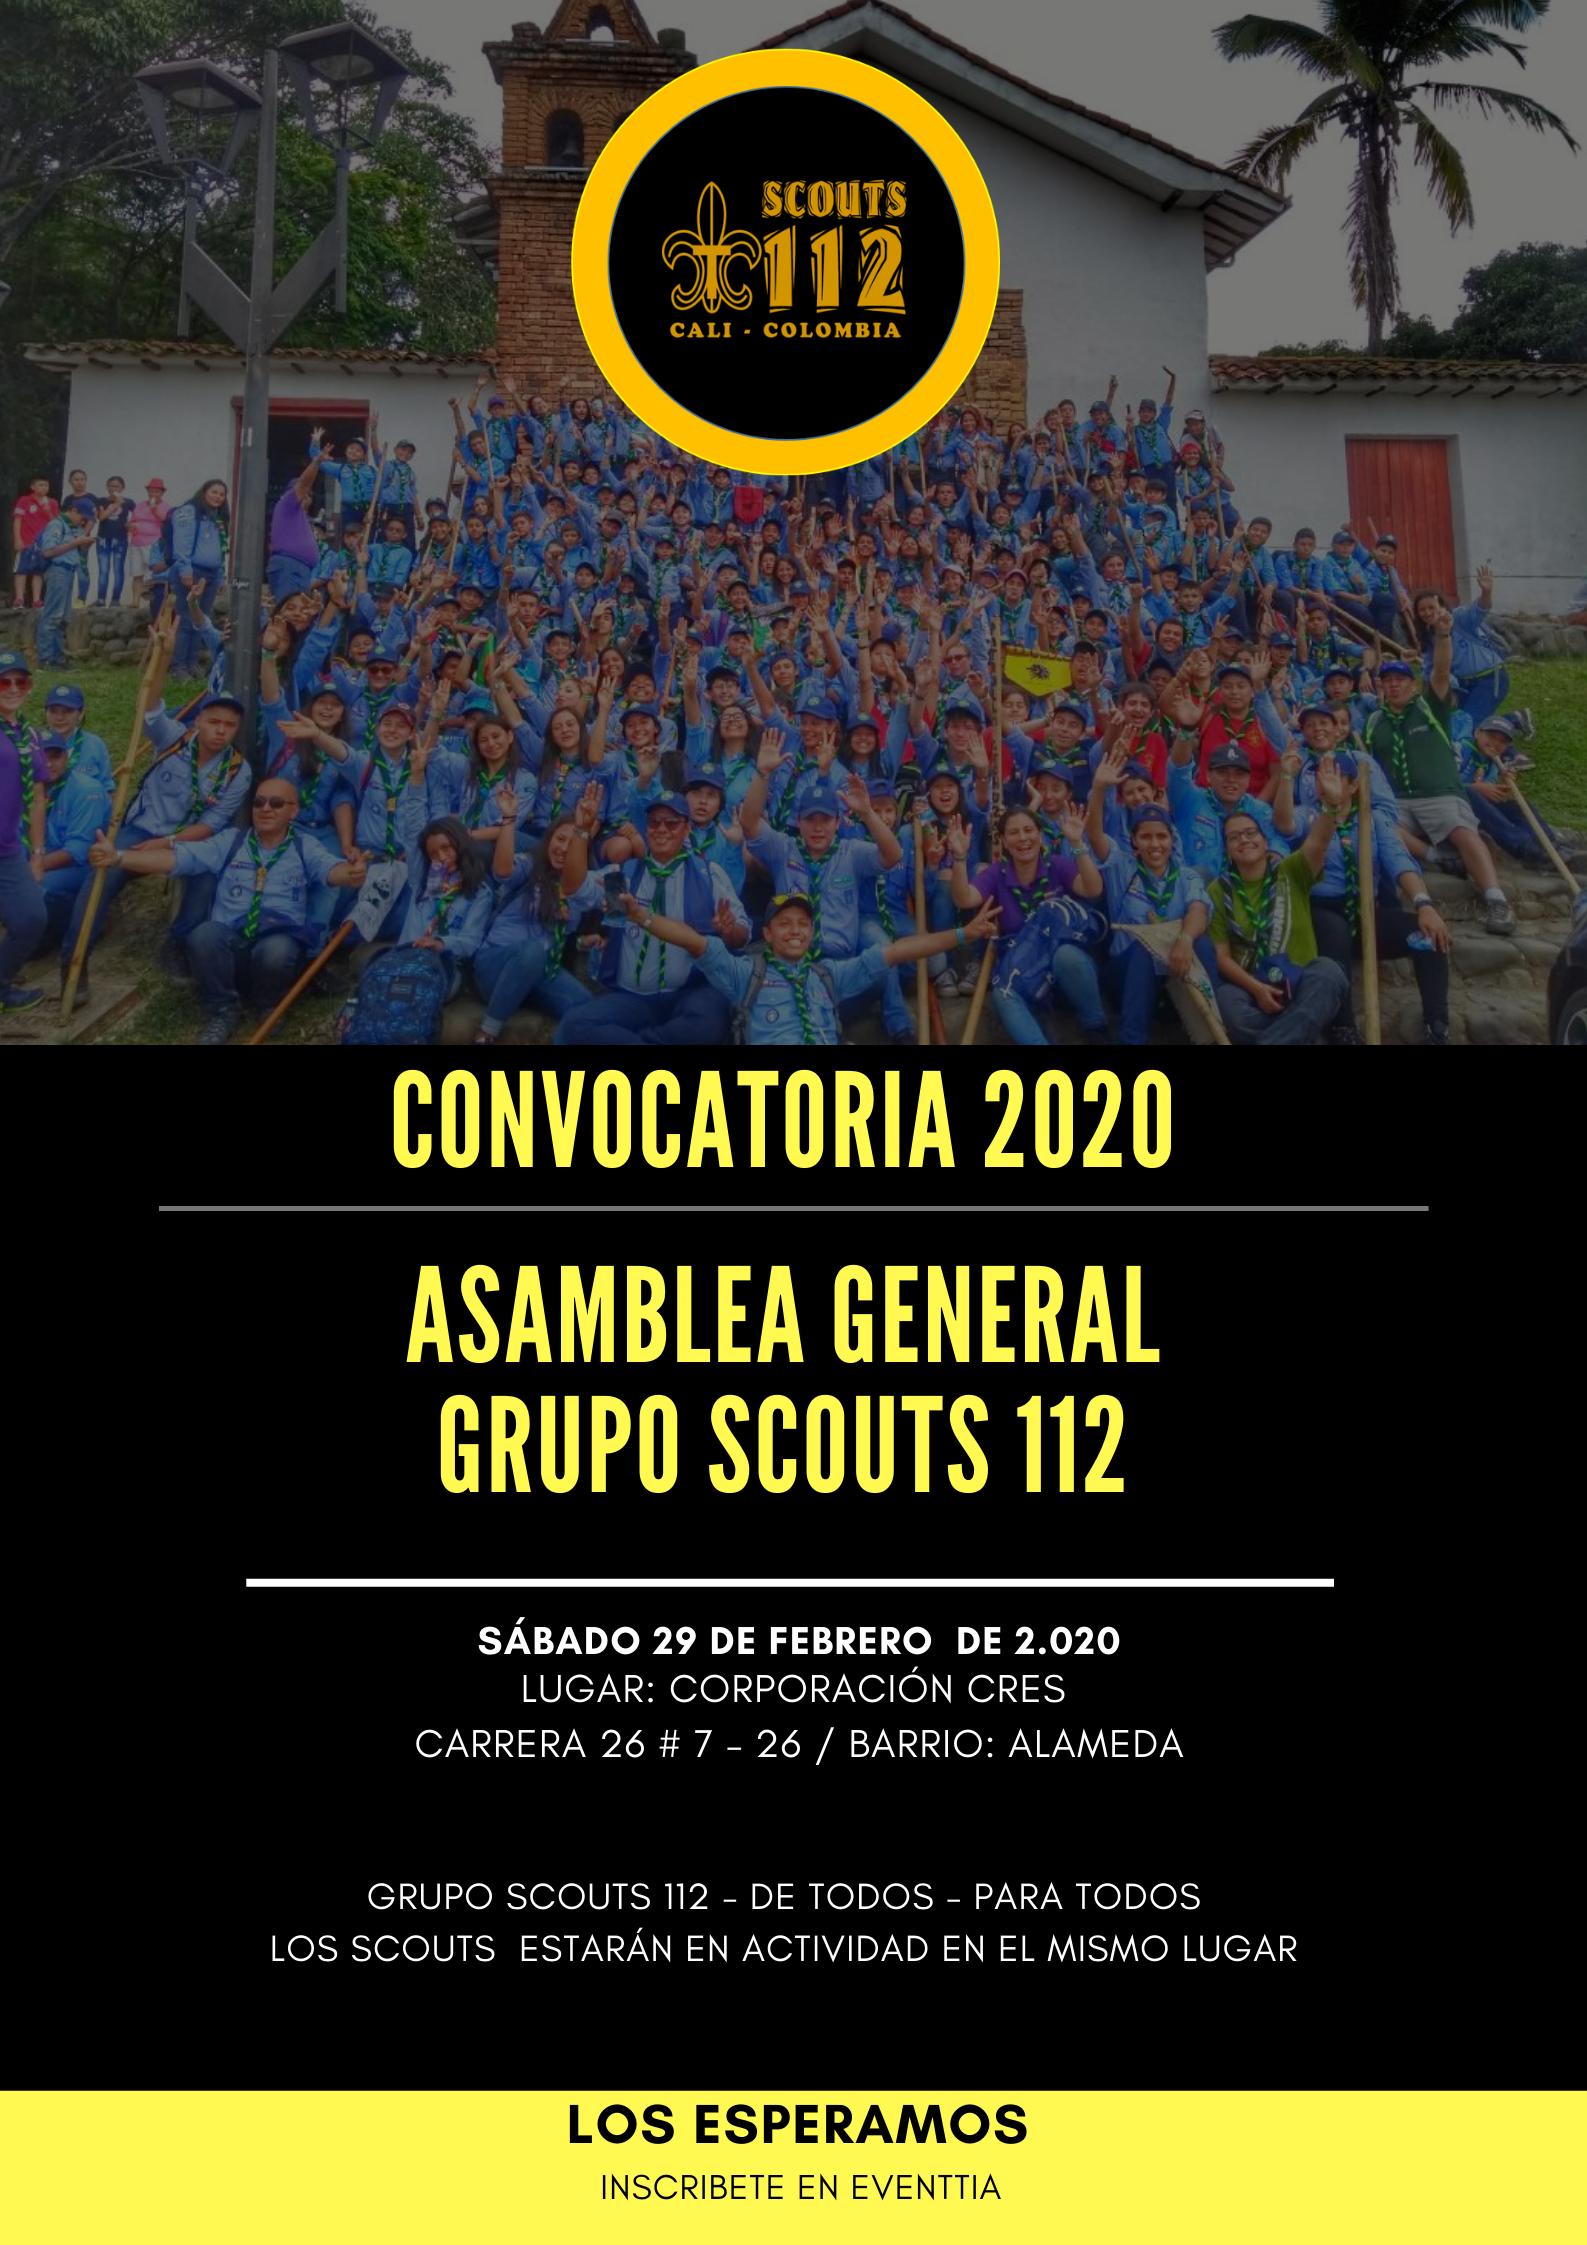 Convocatoriaasambleageneralgruposcouts112215823379081582337908